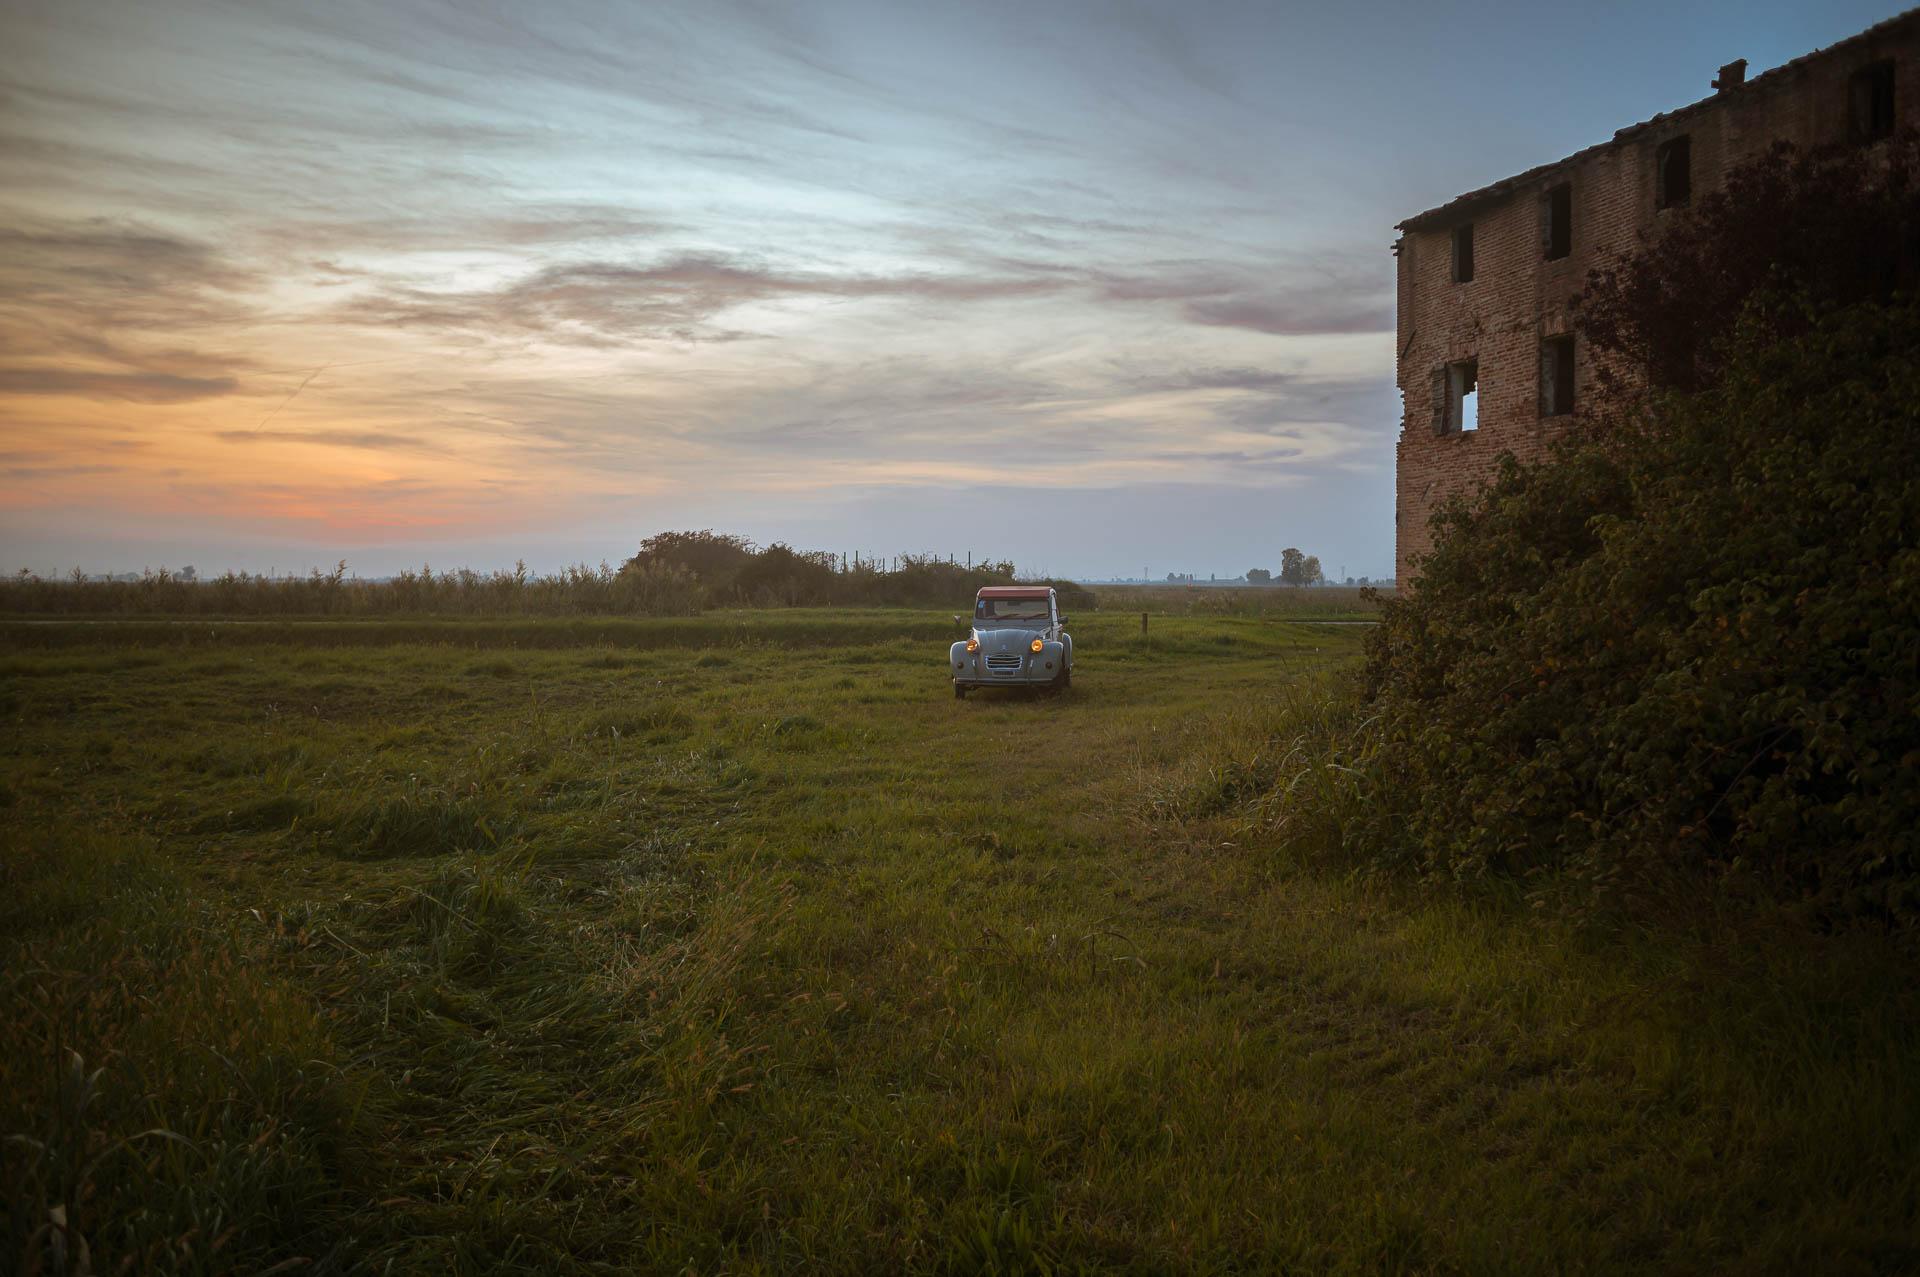 tramonto con citroen 2cv e casa agricola abbandonata